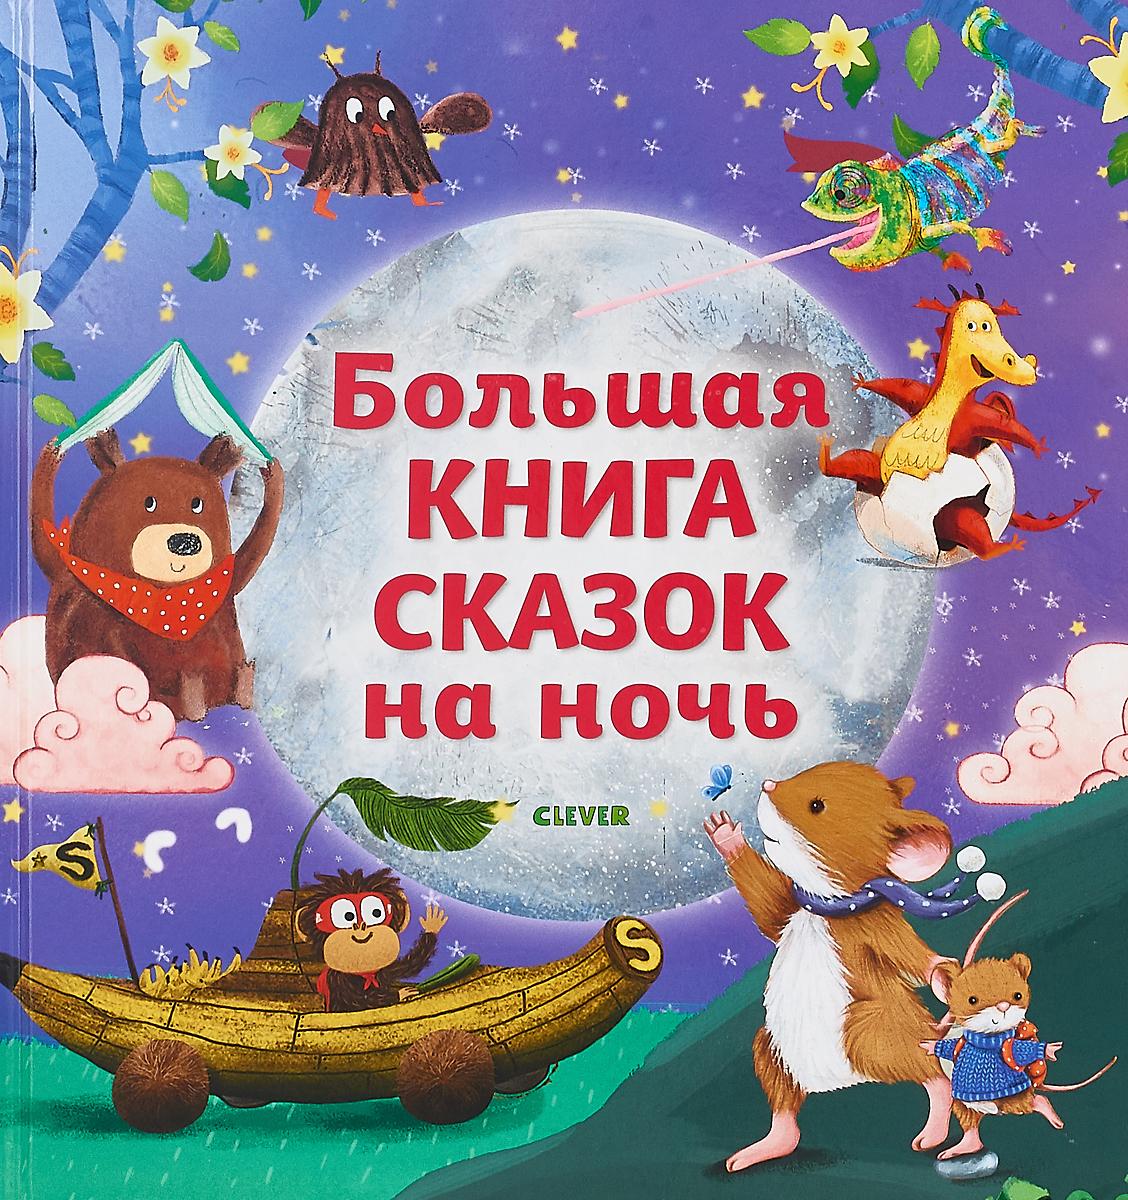 Большая сказочная серия. Большая книга сказок на ночь